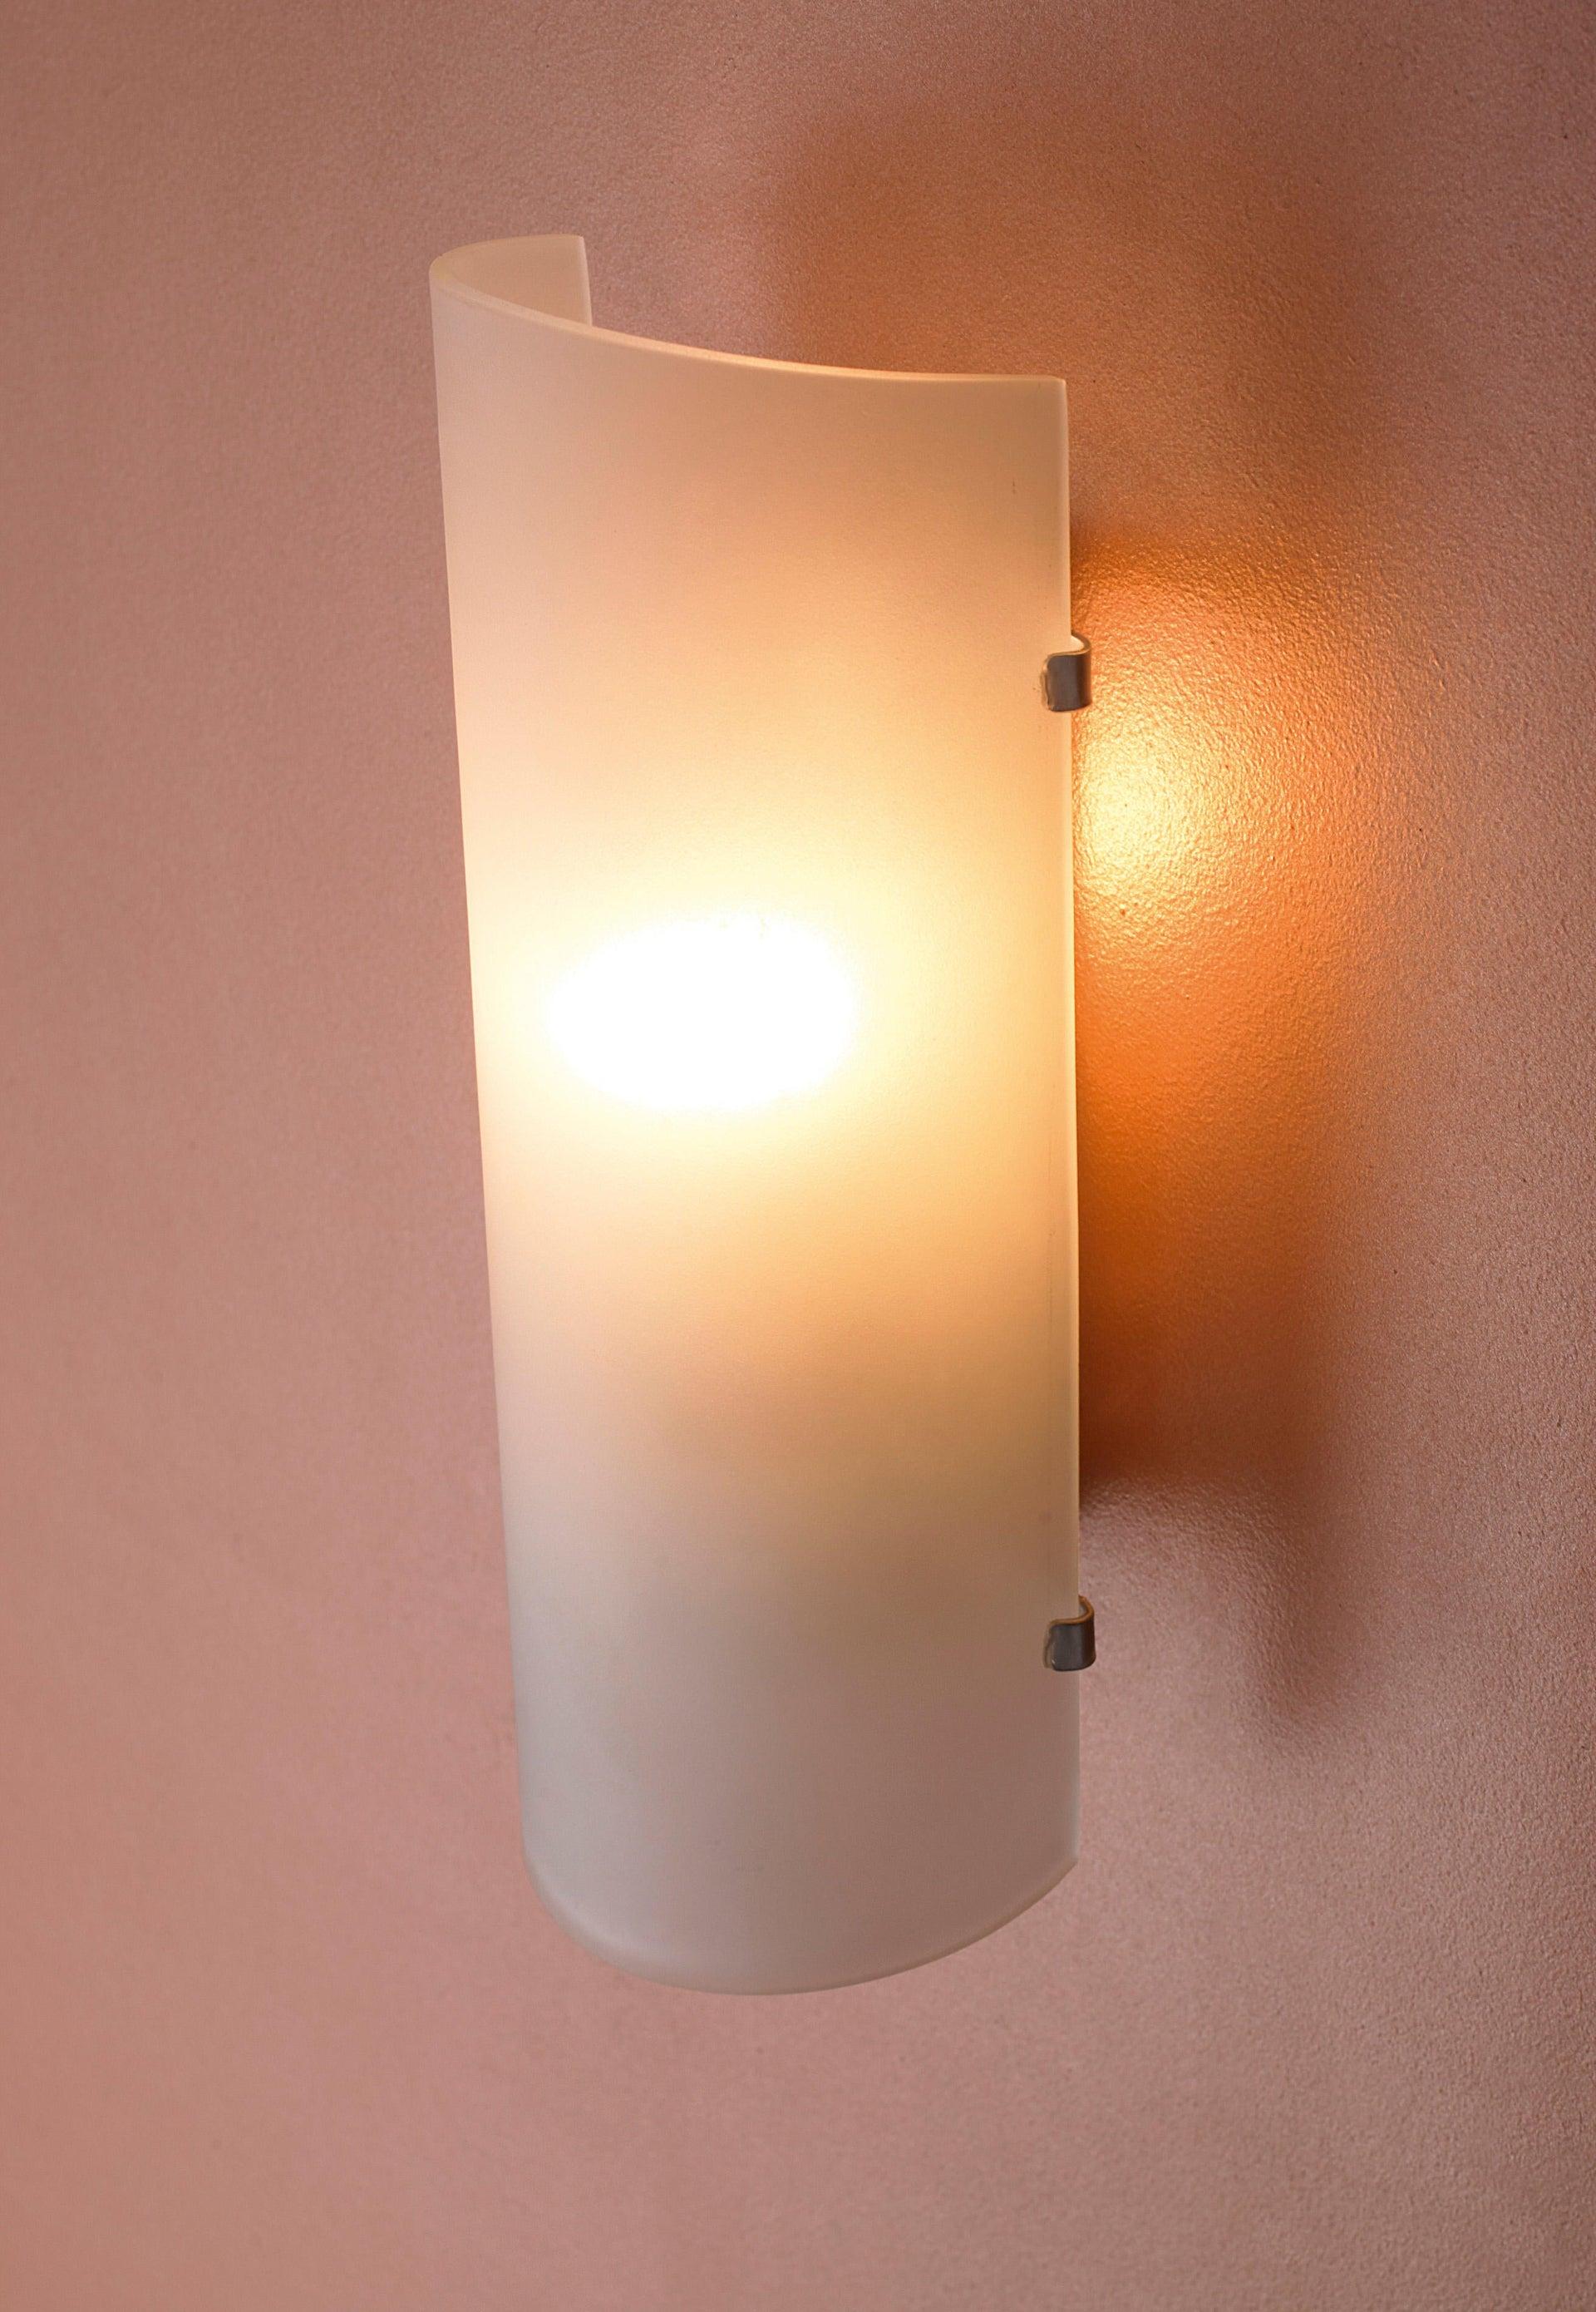 Applique classico Hanko bianco, in vetro, 26.0x10.5 cm, - 5